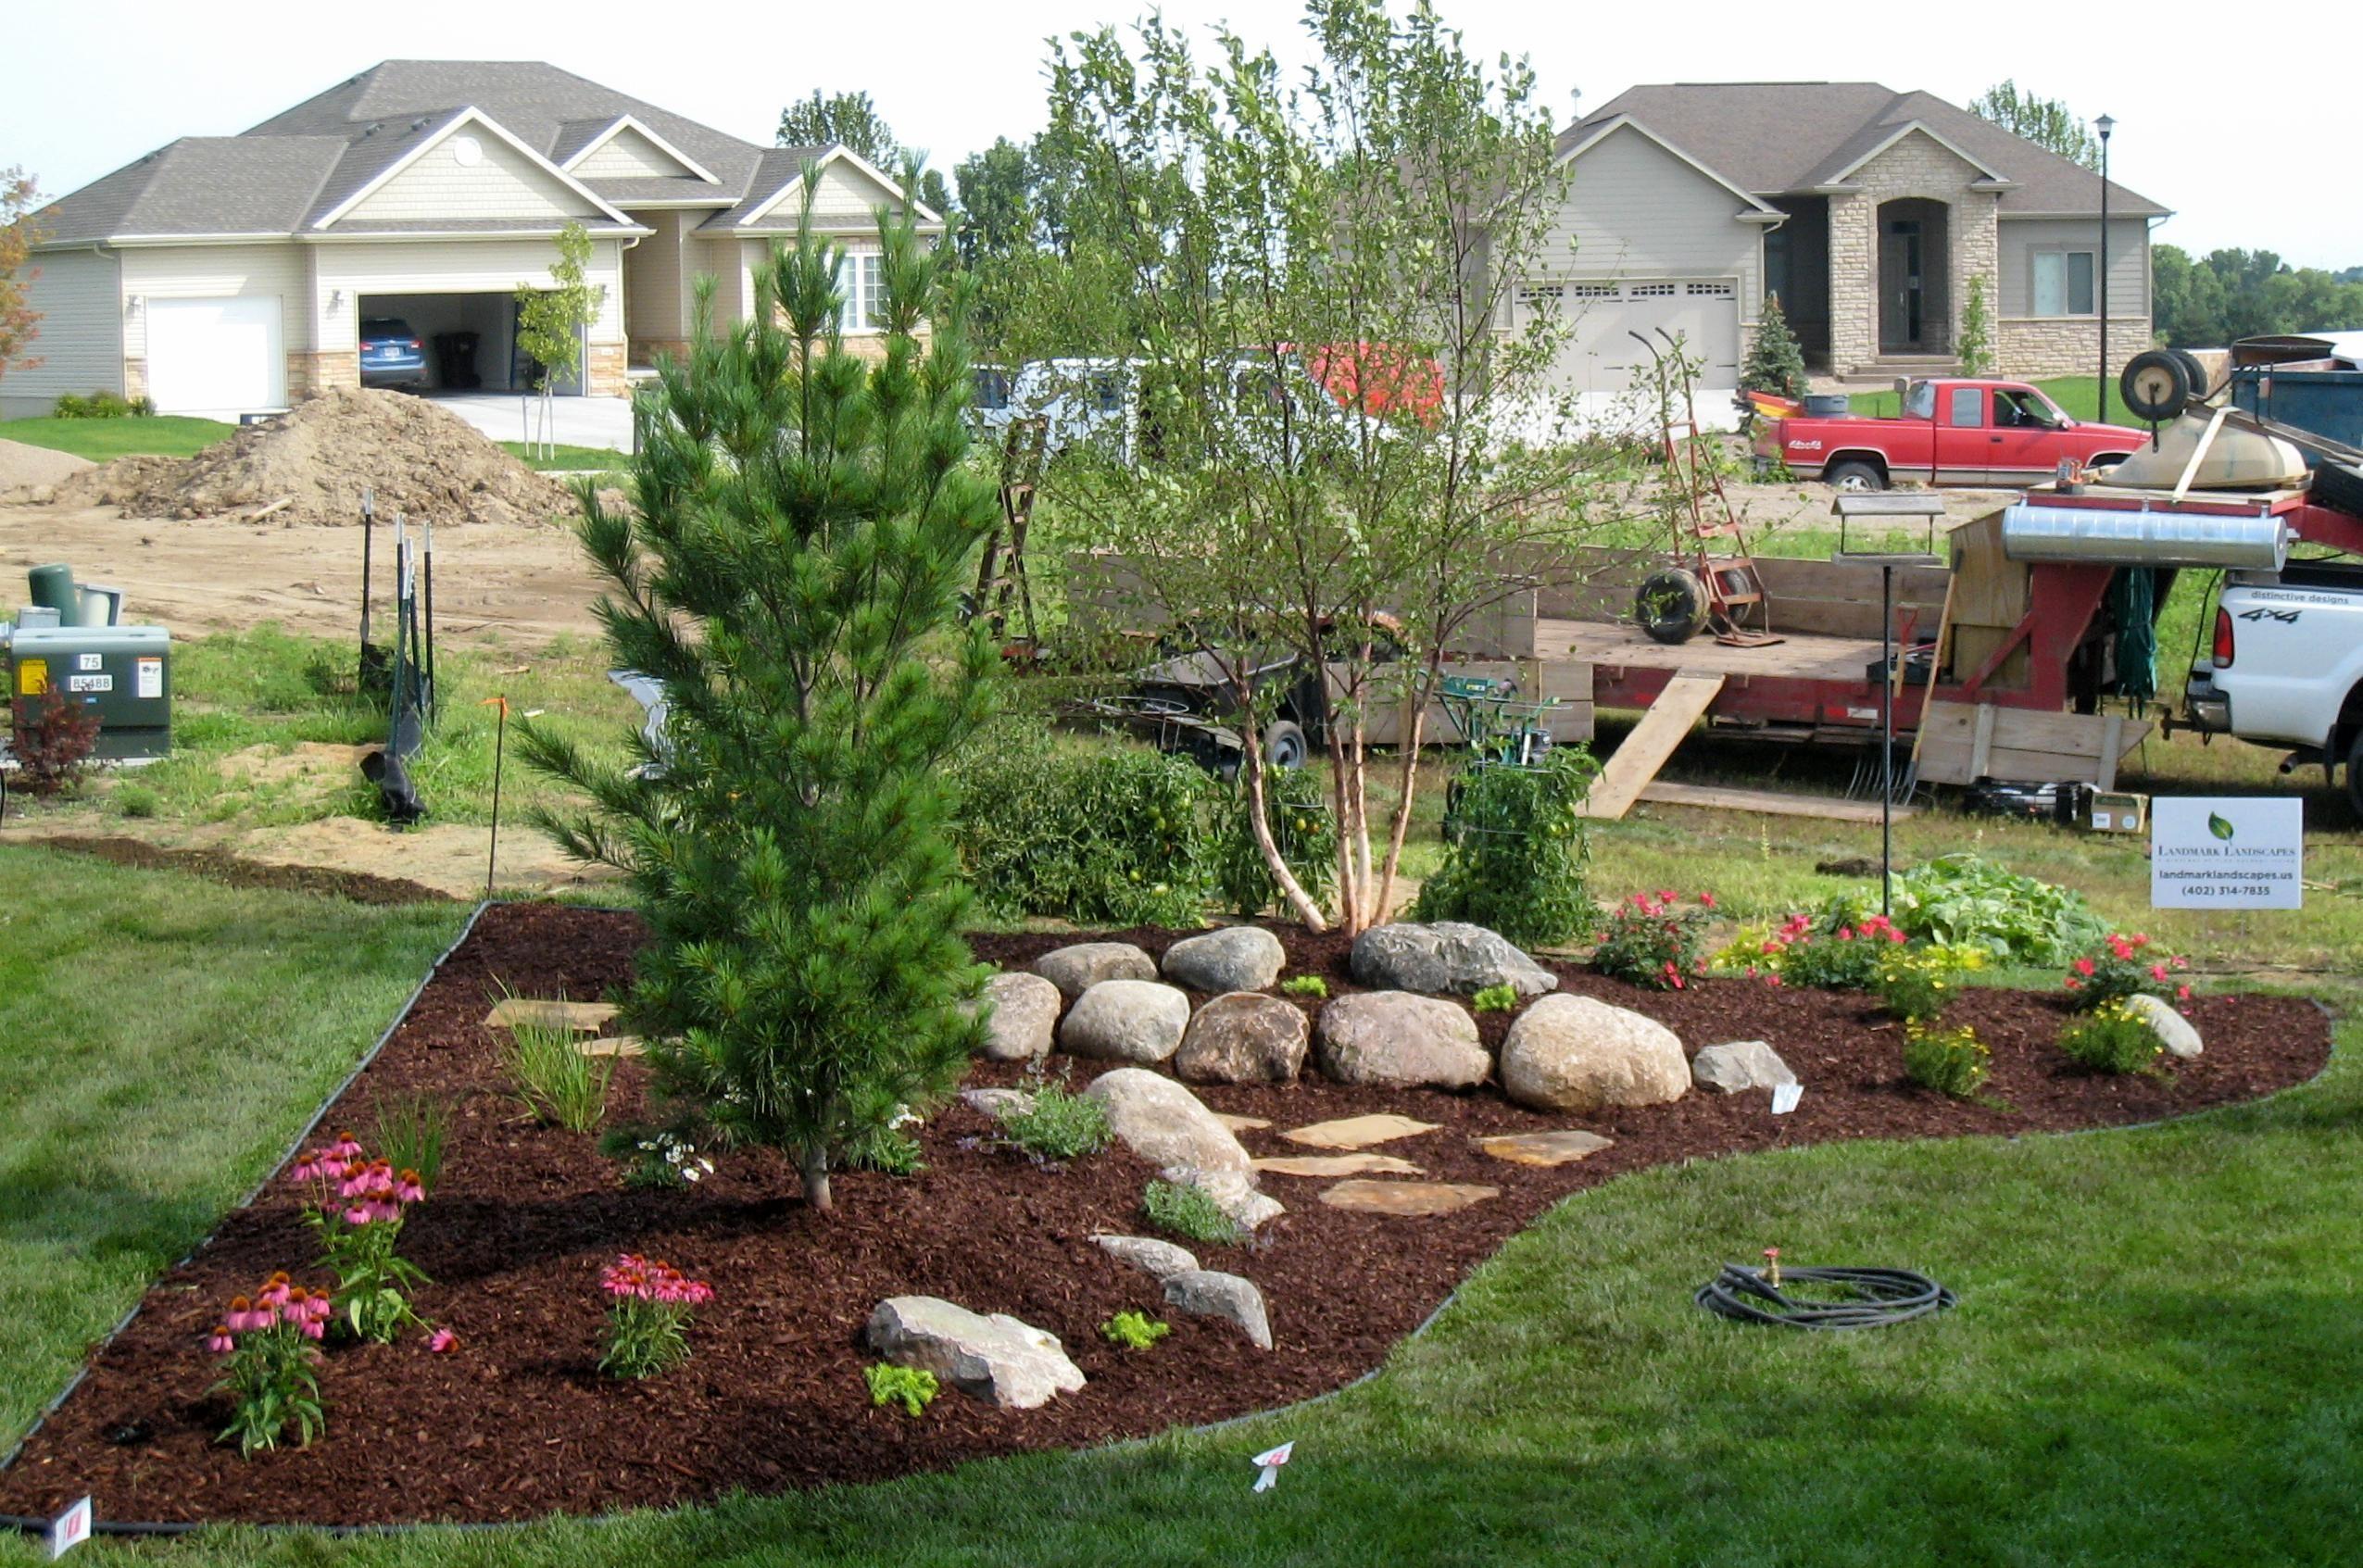 Pin On Yard And Garden Corner house backyard ideas